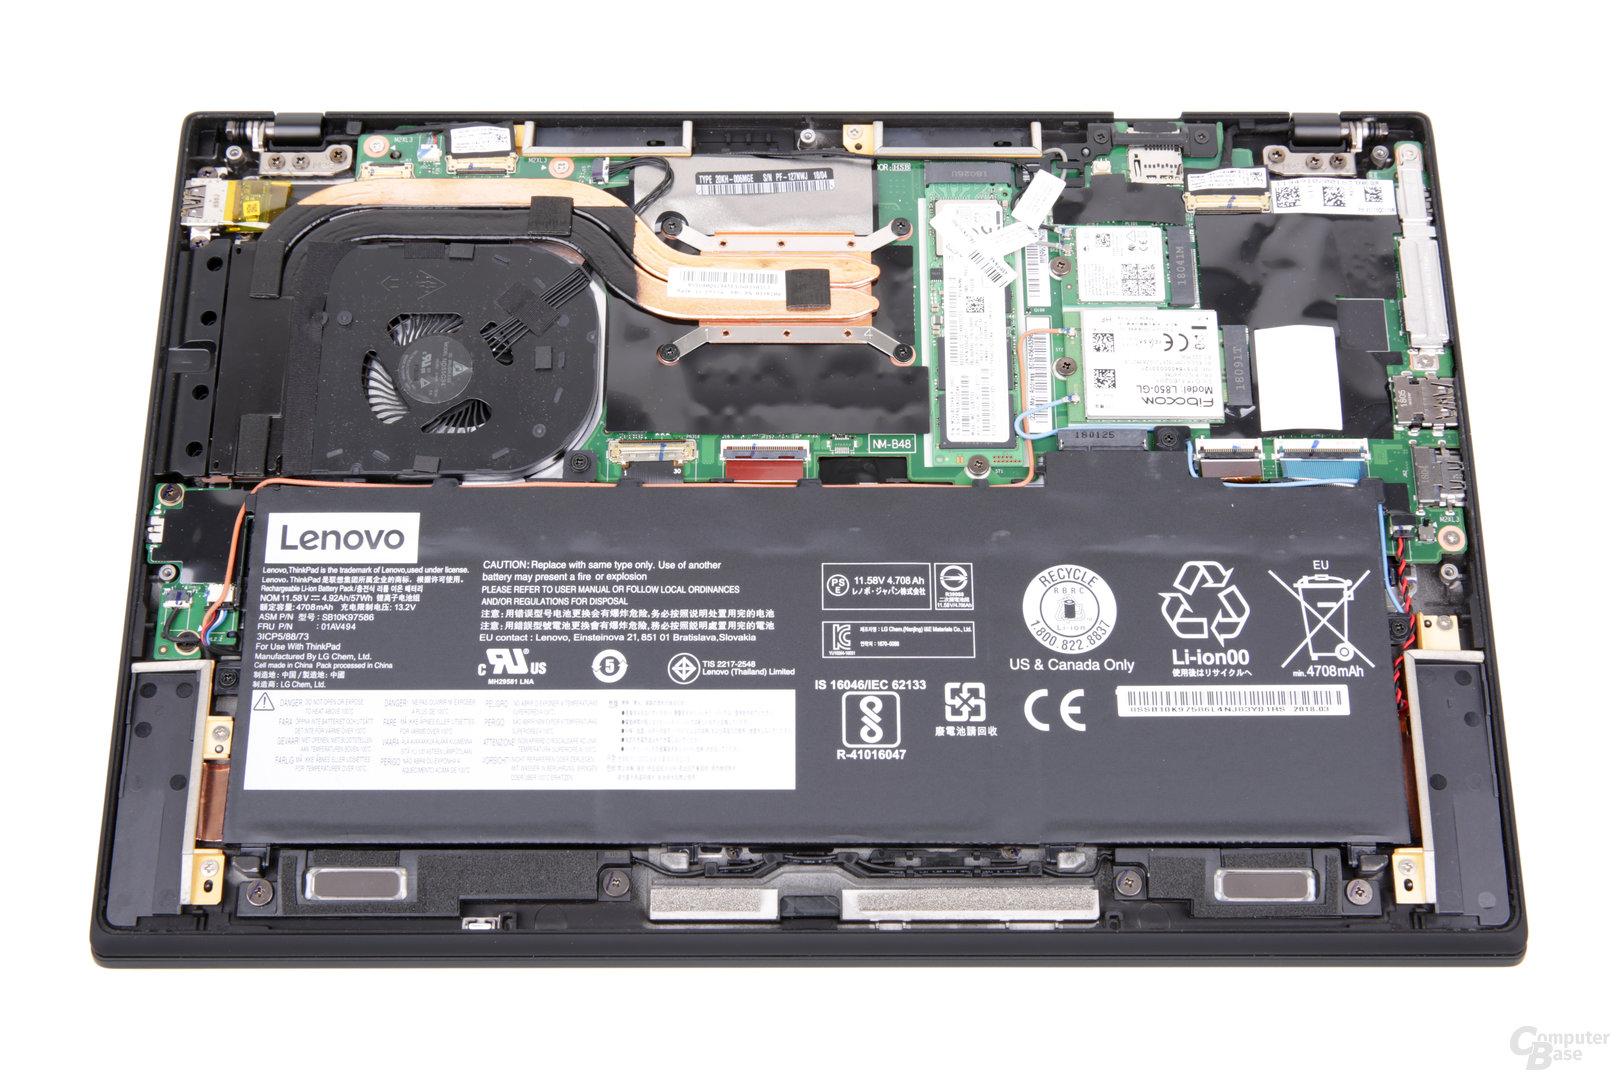 ThinkPad X1 Carbon G6 im geöffneten Zustand